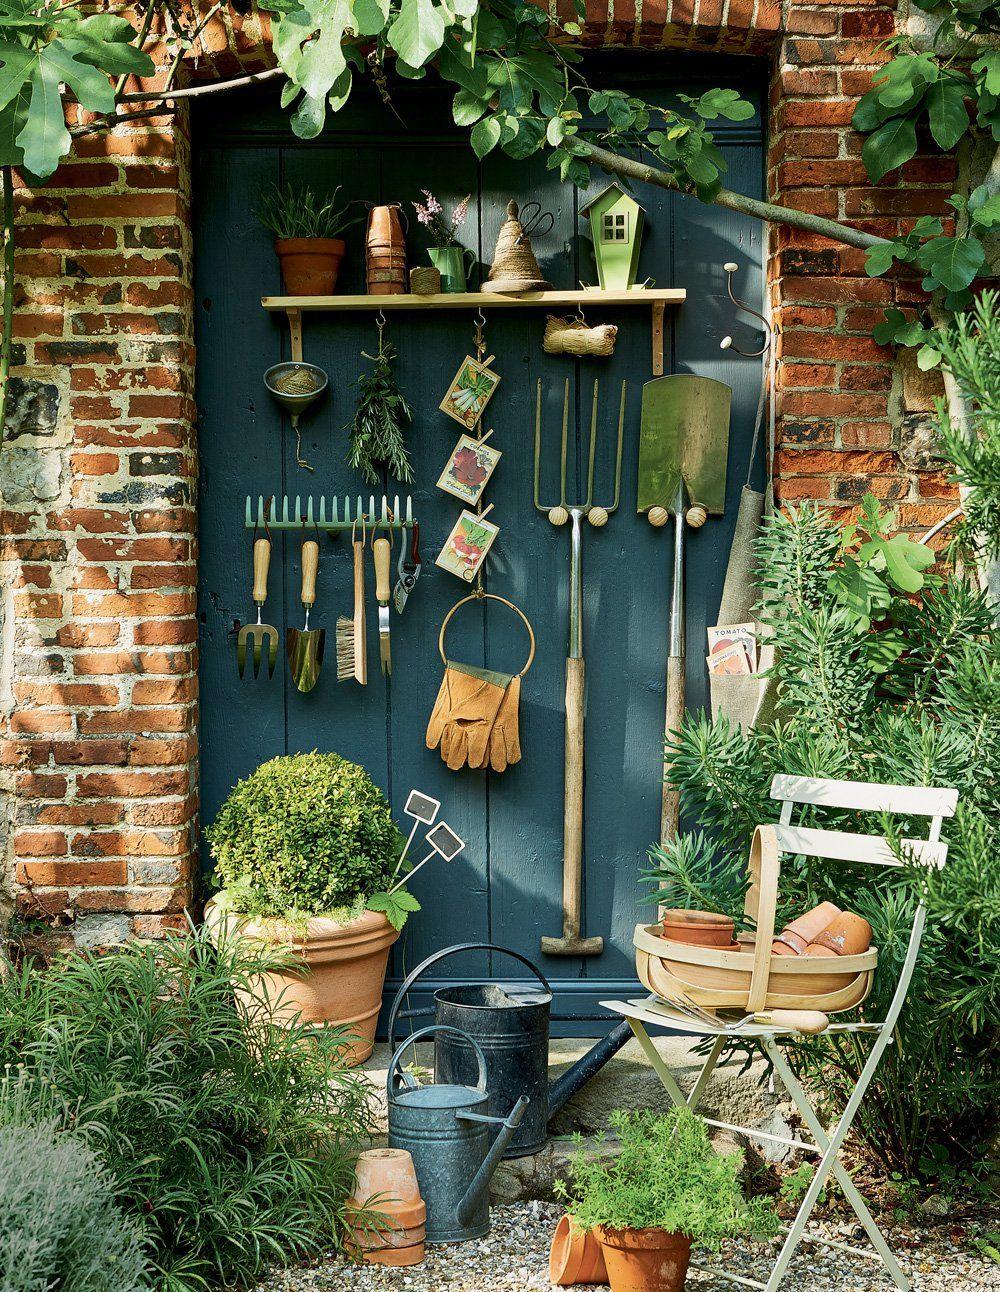 DIY jardin : des patères pour suspendre les outils de jardin ...